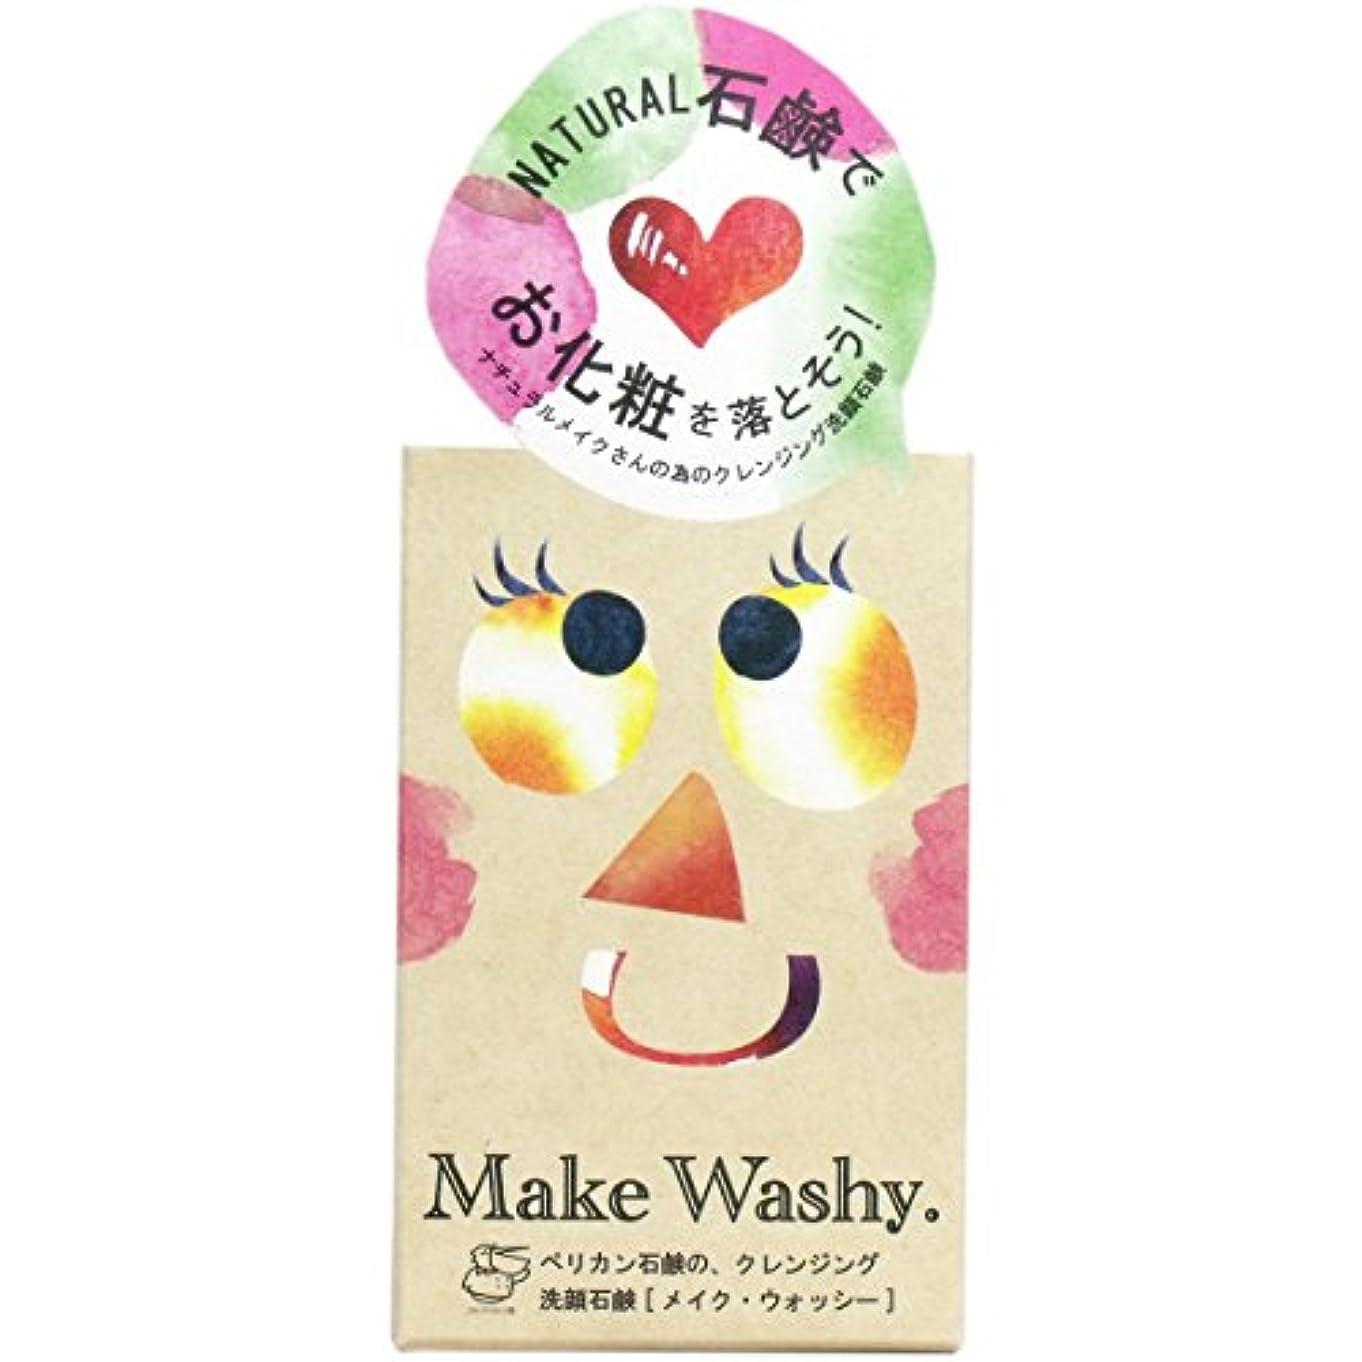 クリアリスナー尋ねるメイクウォッシー 洗顔石鹸 × 5個セット